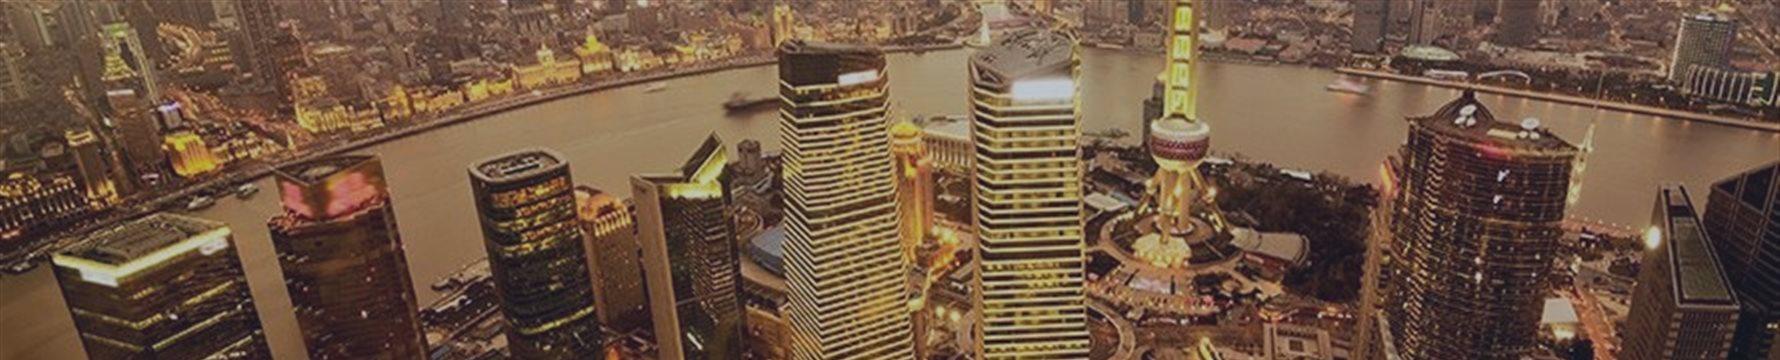 与富拓外汇一起参加2014上海国际理财博览会